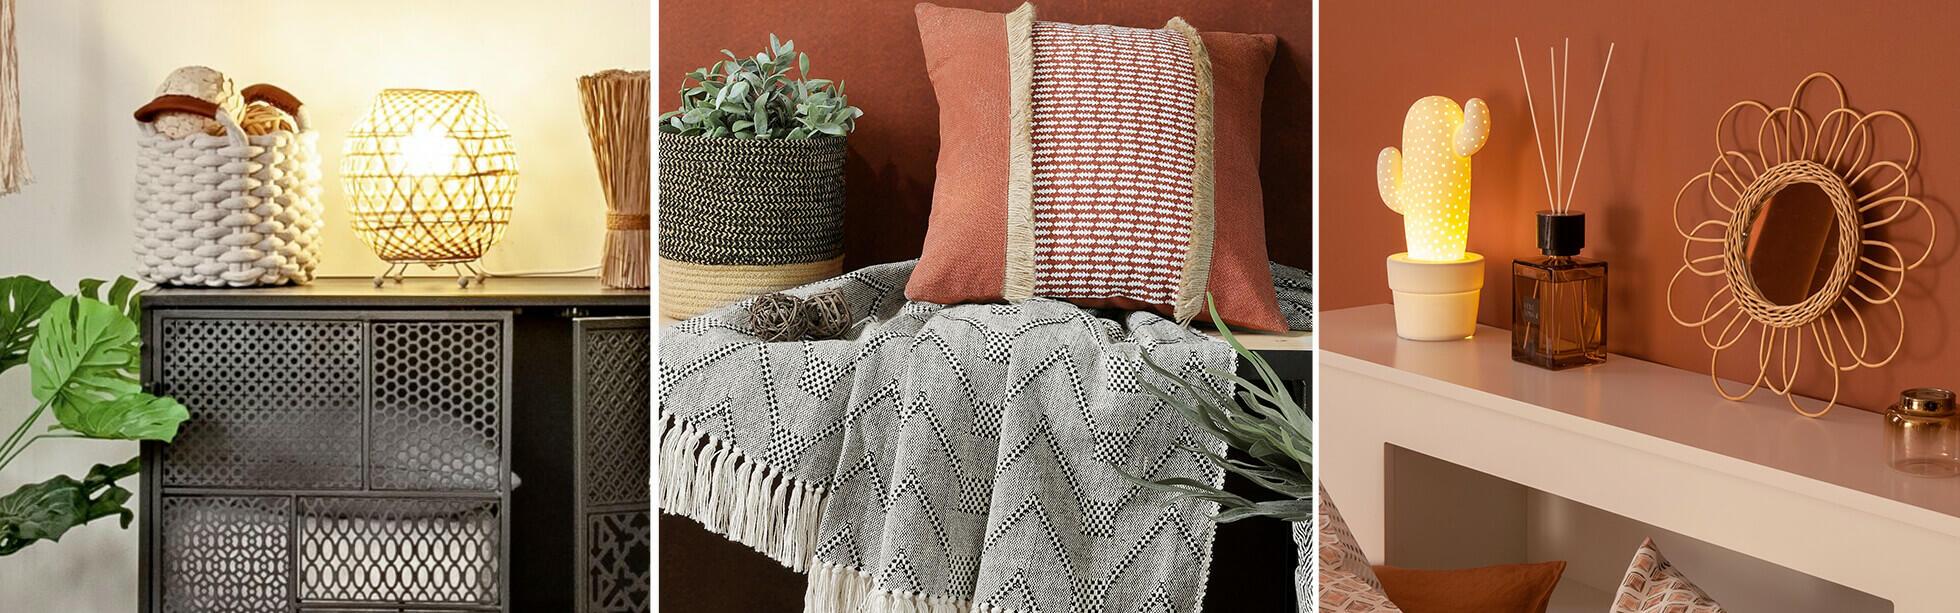 objetos y textiles decorativos